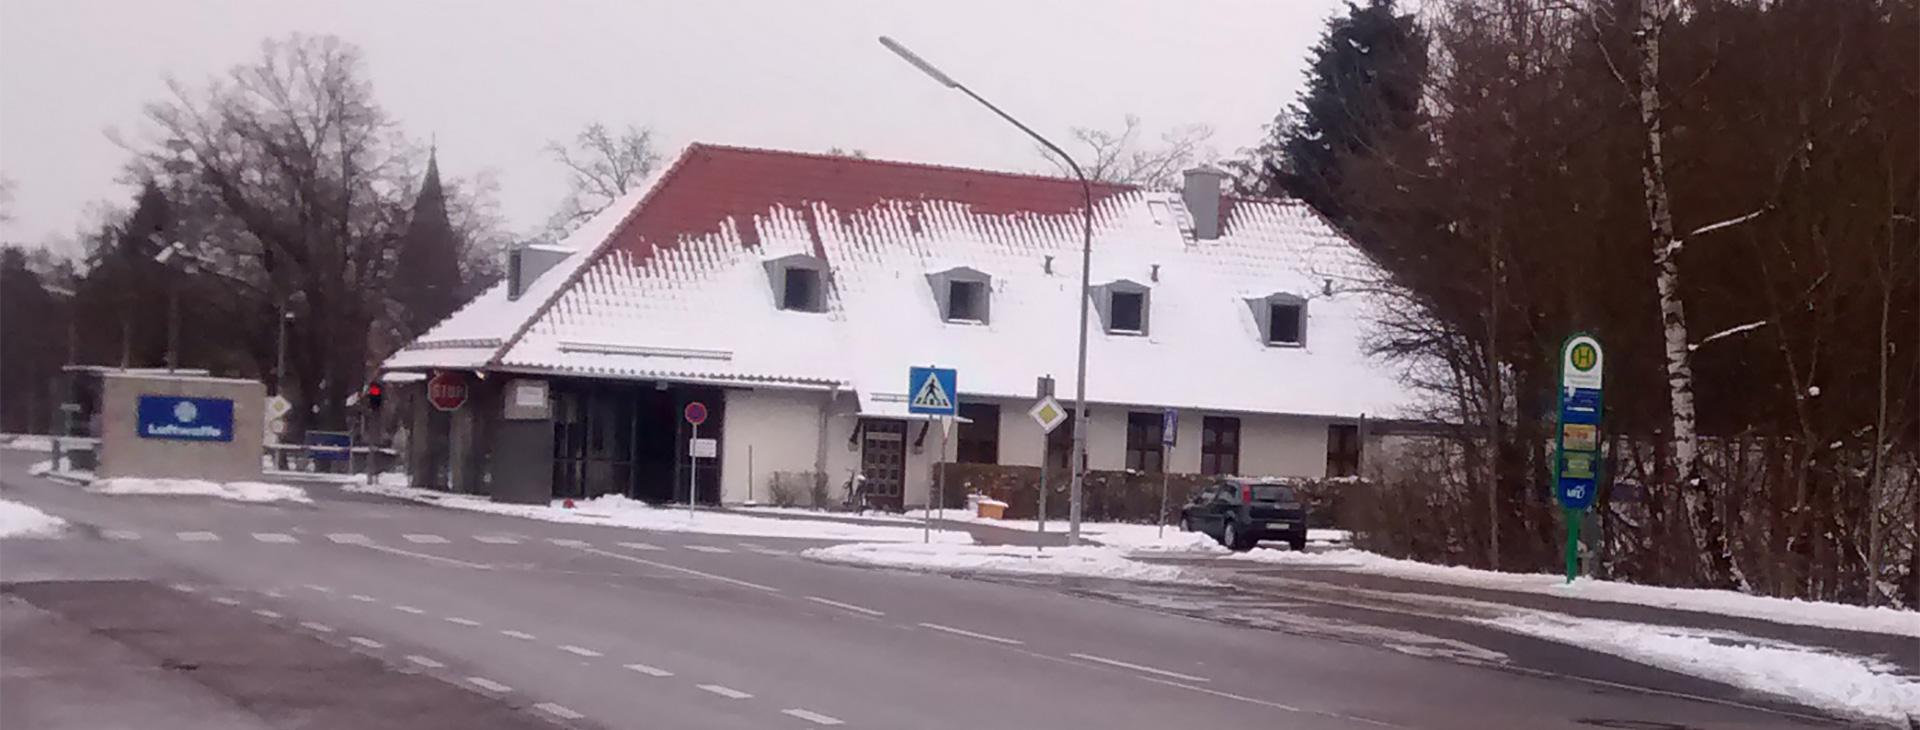 Neue Bushaltestelle am Fliegerhorst